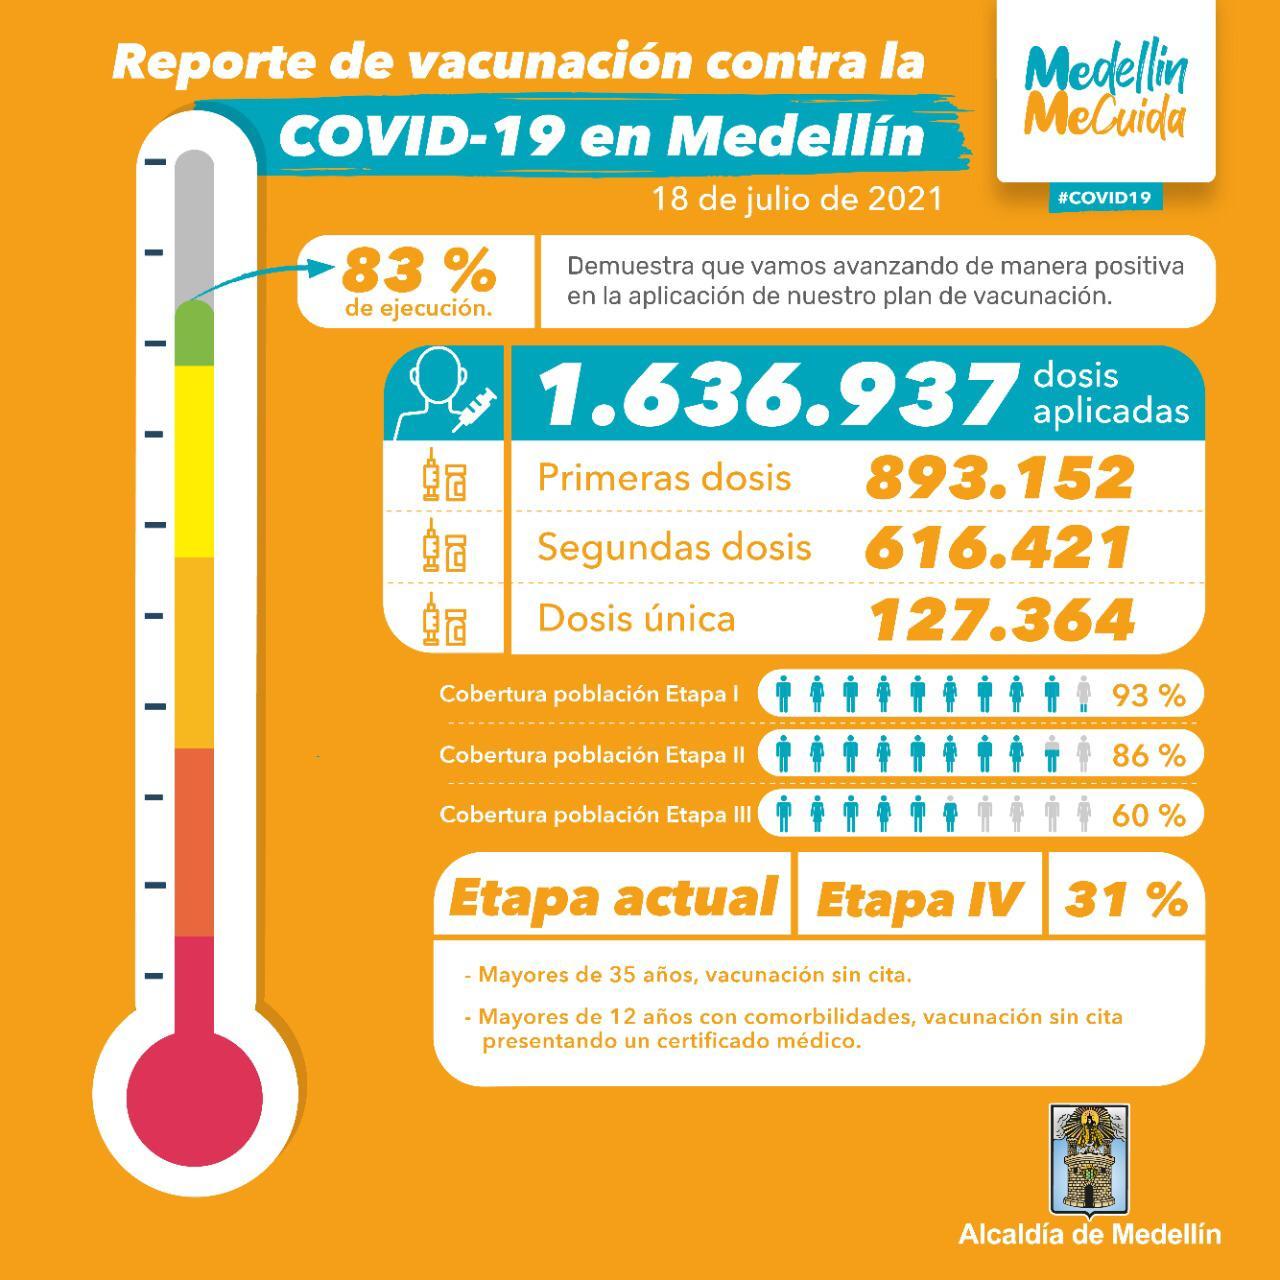 vacunacion medellin 18 de julio ElMetro.com.co